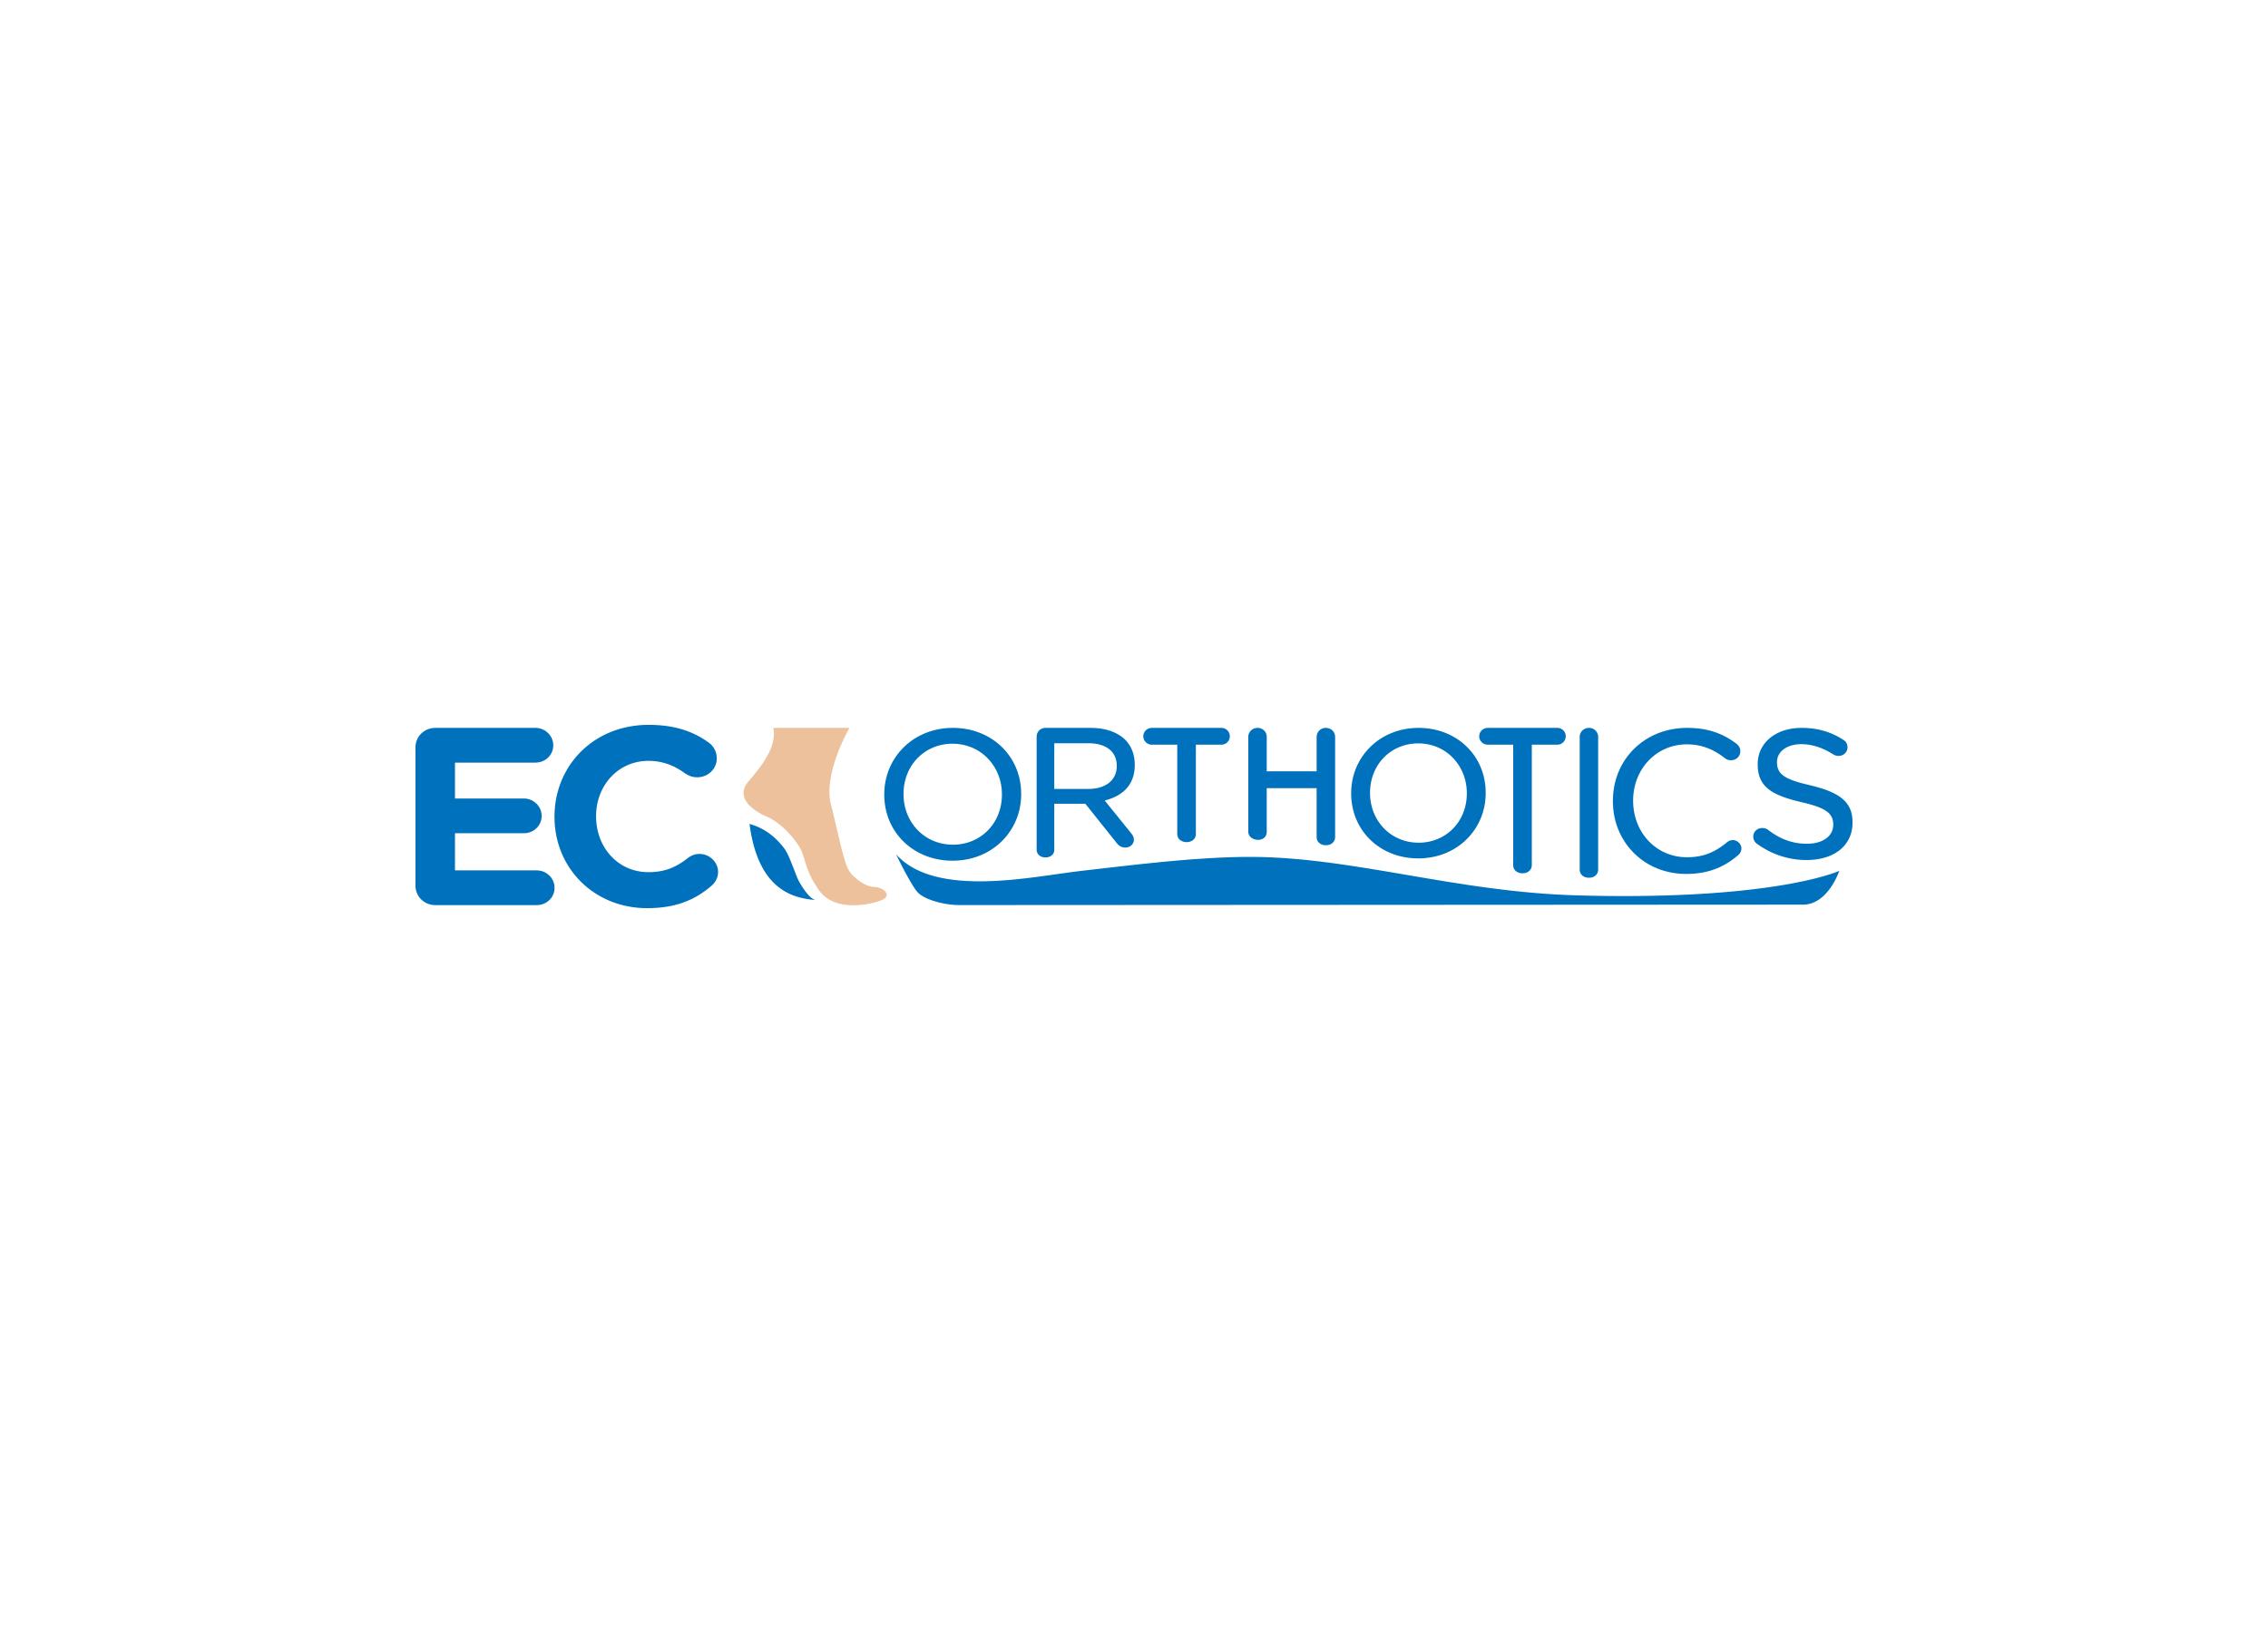 EC Orthotics.png